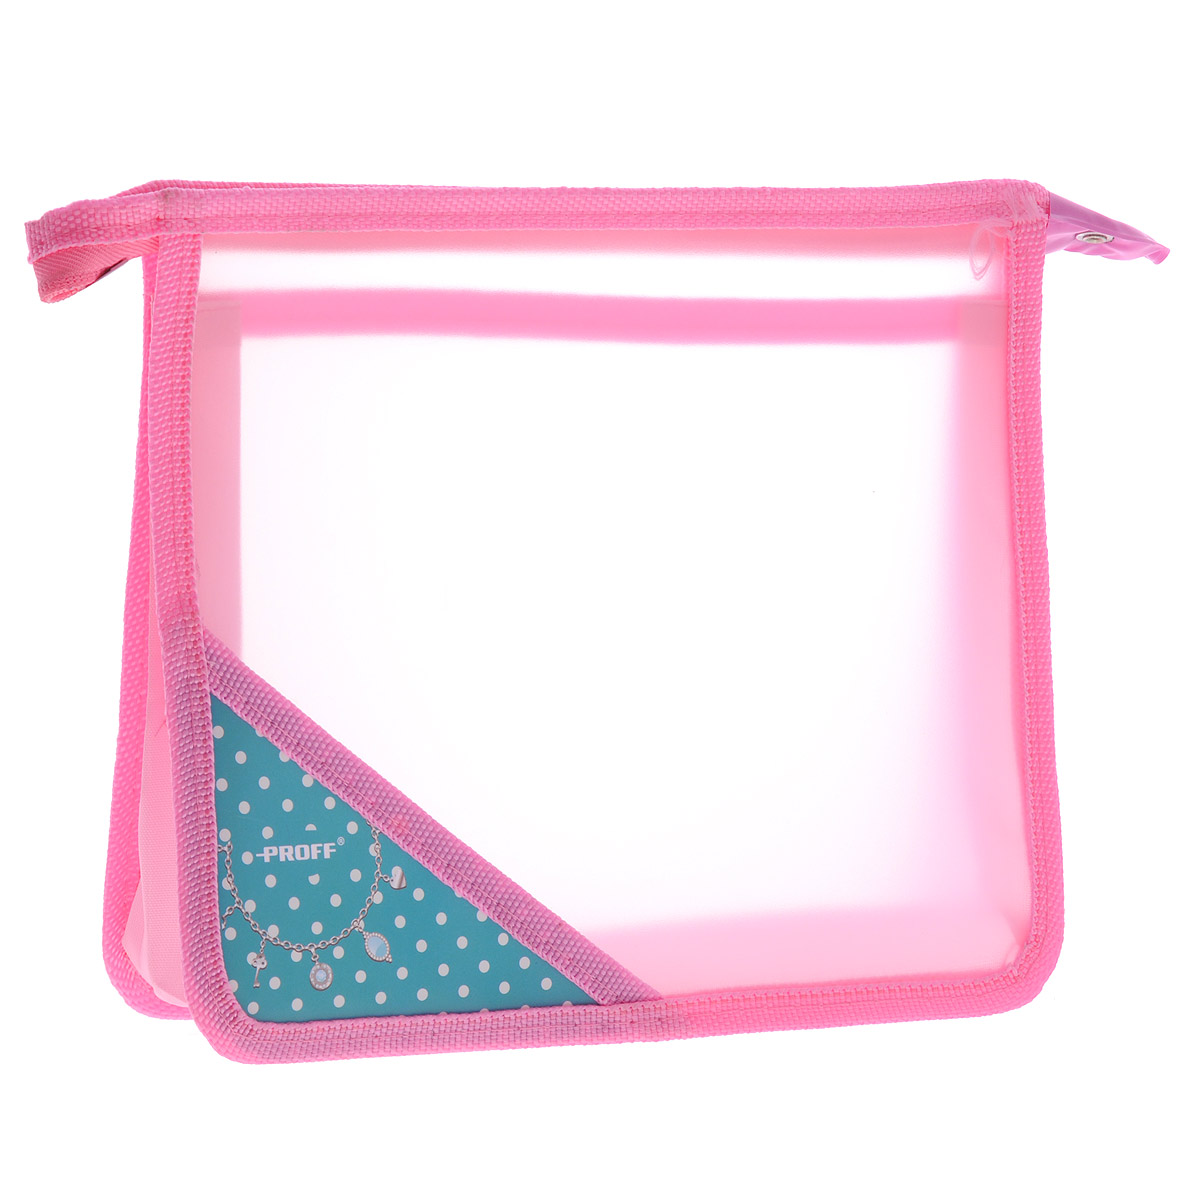 Папка для тетрадей Proff Принцесса, цвет: розовыйPP-220Папка для тетрадей Принцесса поможет не растерять школьнику свои тетради, рисунки и прочие бумаги. Выполнена из прочного полипропилена и имеет два вместительных отделения. На углу лицевой стороны нанесено изображение ожерелья.Папка разделена на два отдела полупрозрачной перегородкой, сверху закрывается на молнию. Края папки окантованы мягкой текстильной тесьмой.